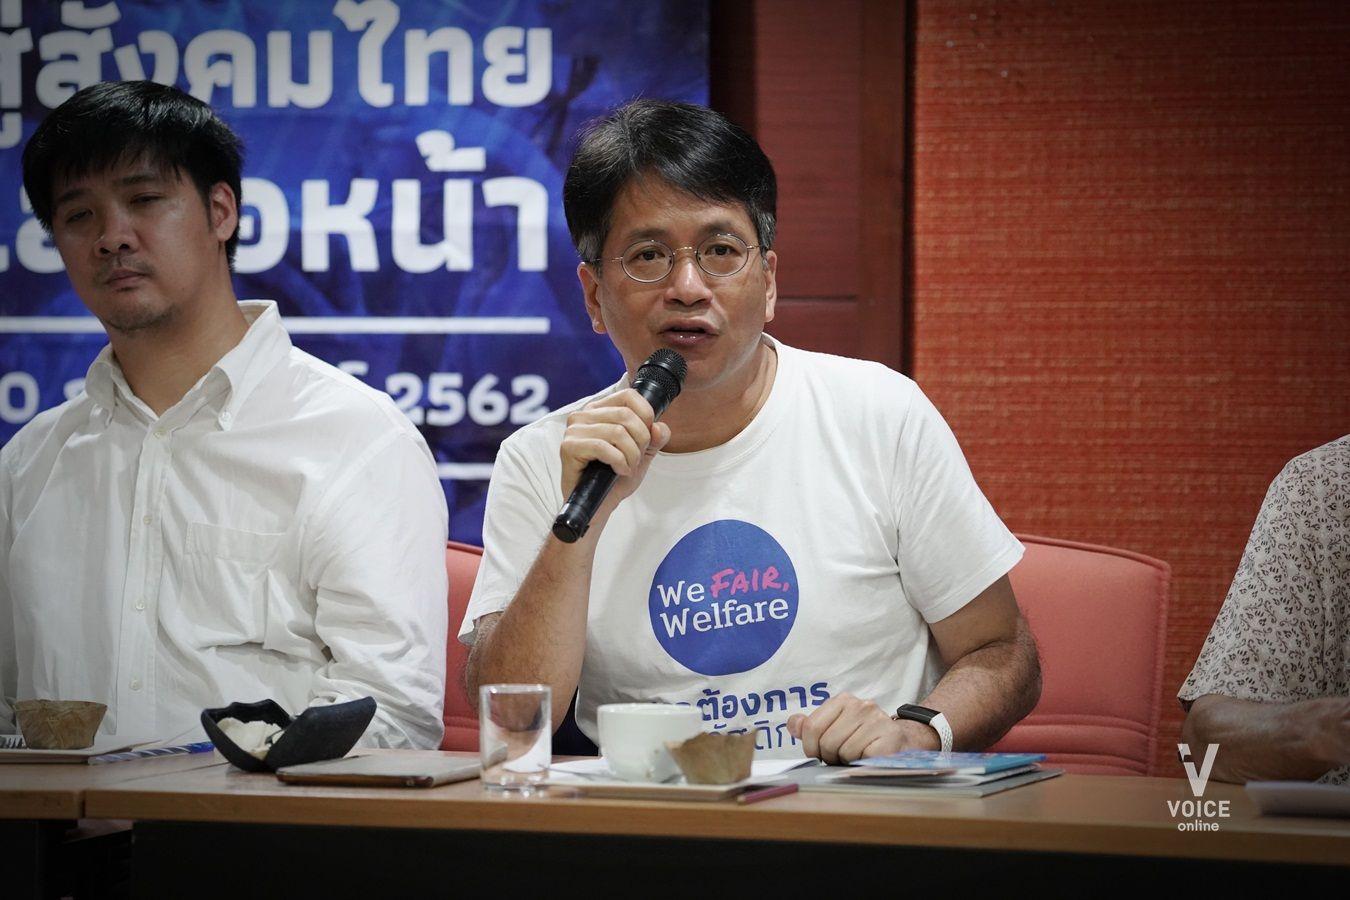 รัฐสวัสดิการสู่สังคมไทยเสมอหน้า.JPG